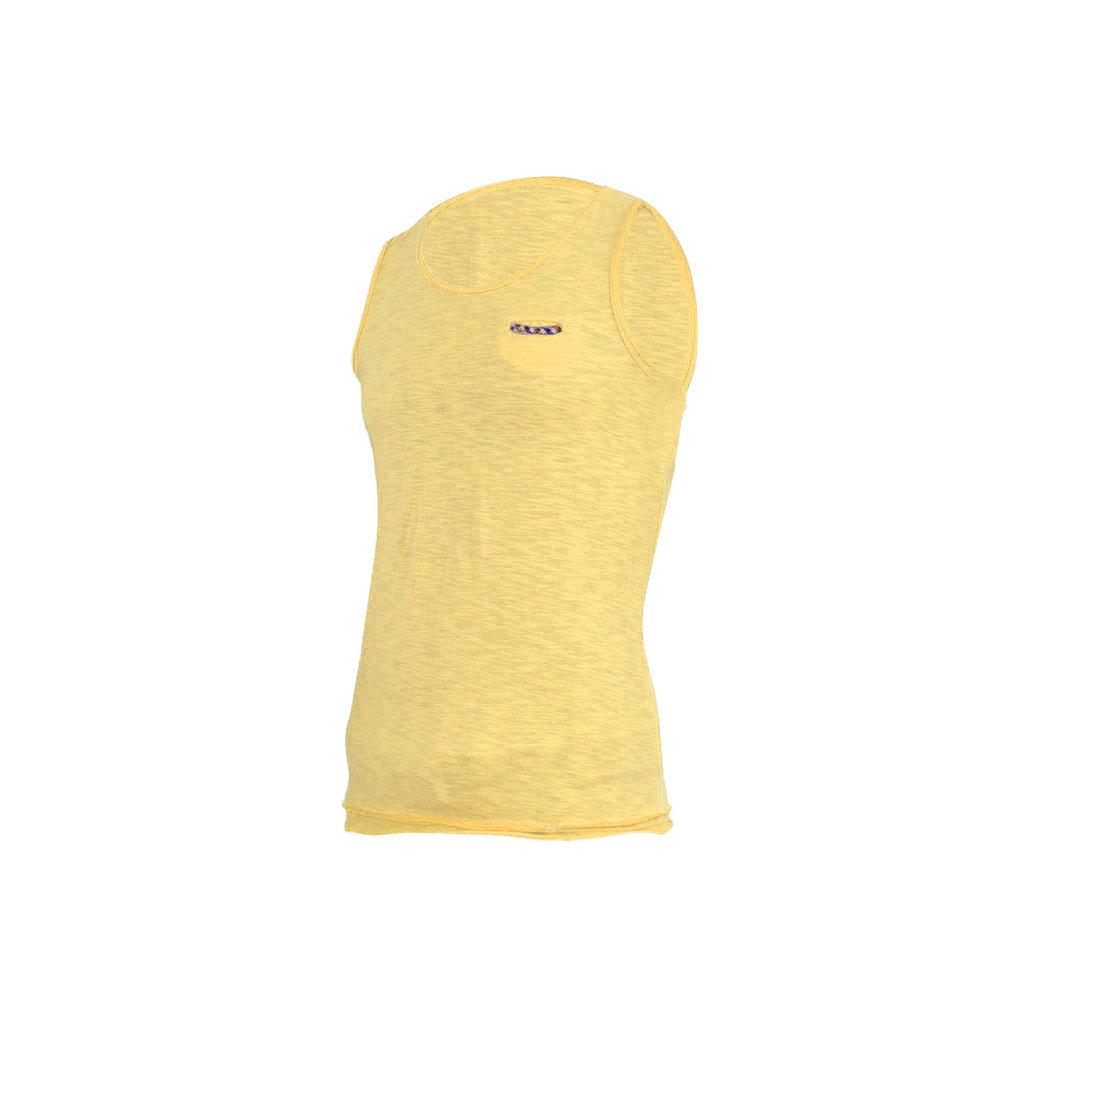 Men's Stylish Light Yellow Sleeveless Straight Tank Top S